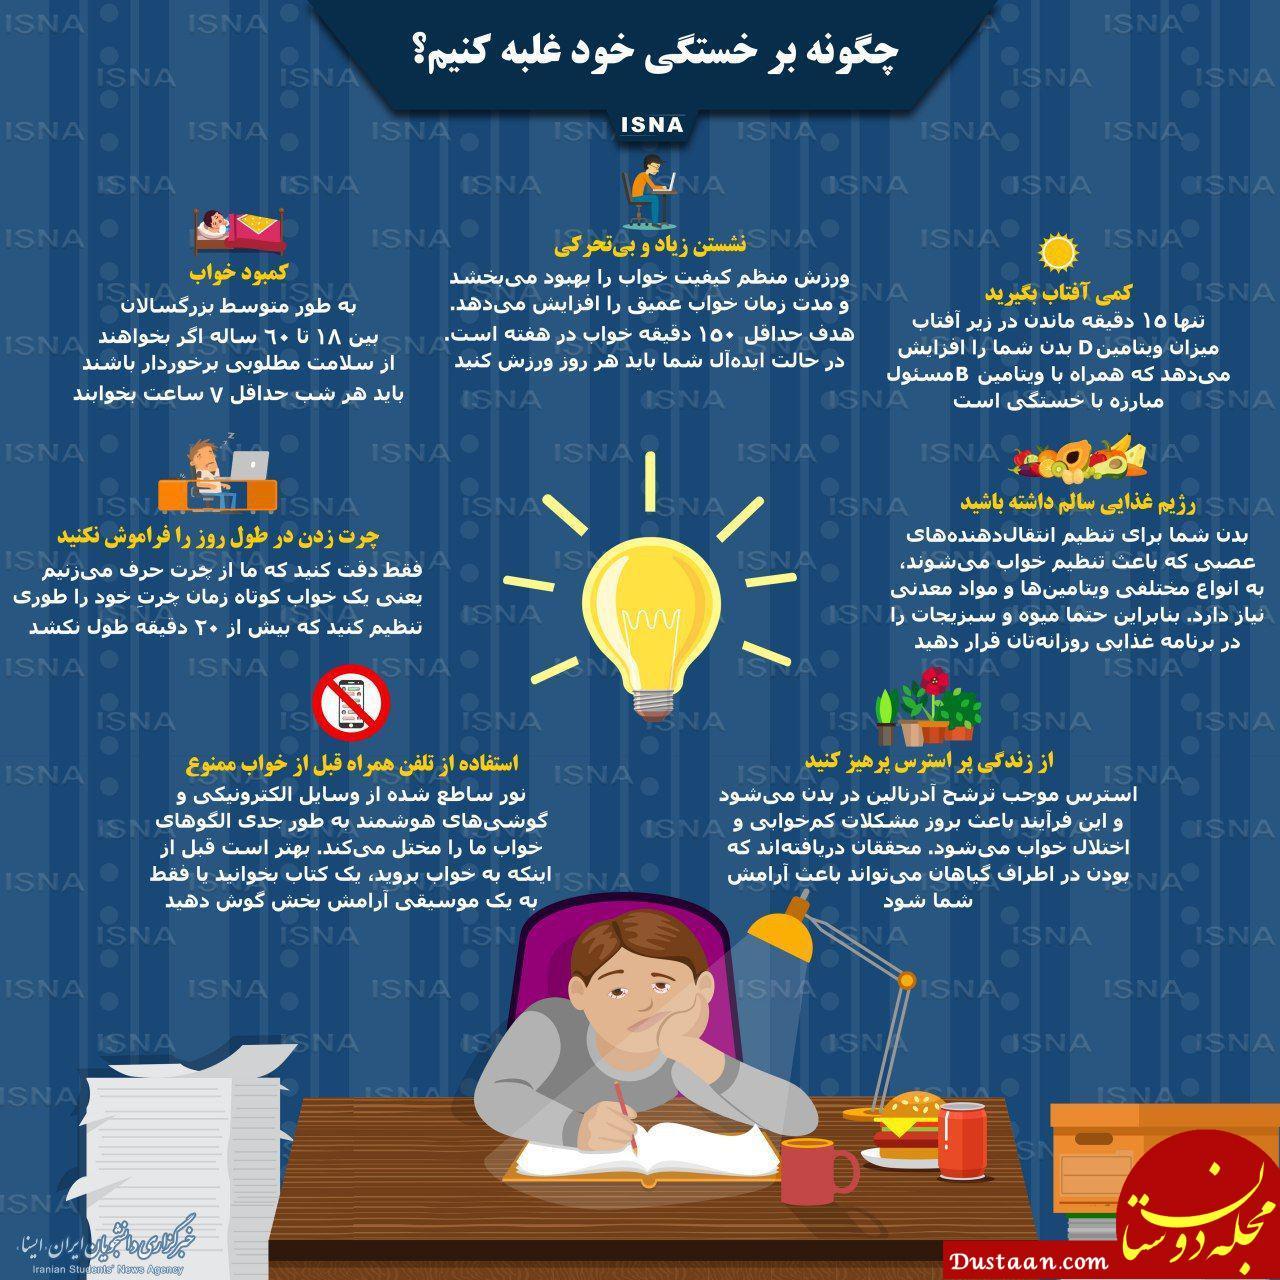 www.dustaan.com چگونه بر خستگی خود غلبه کنیم؟